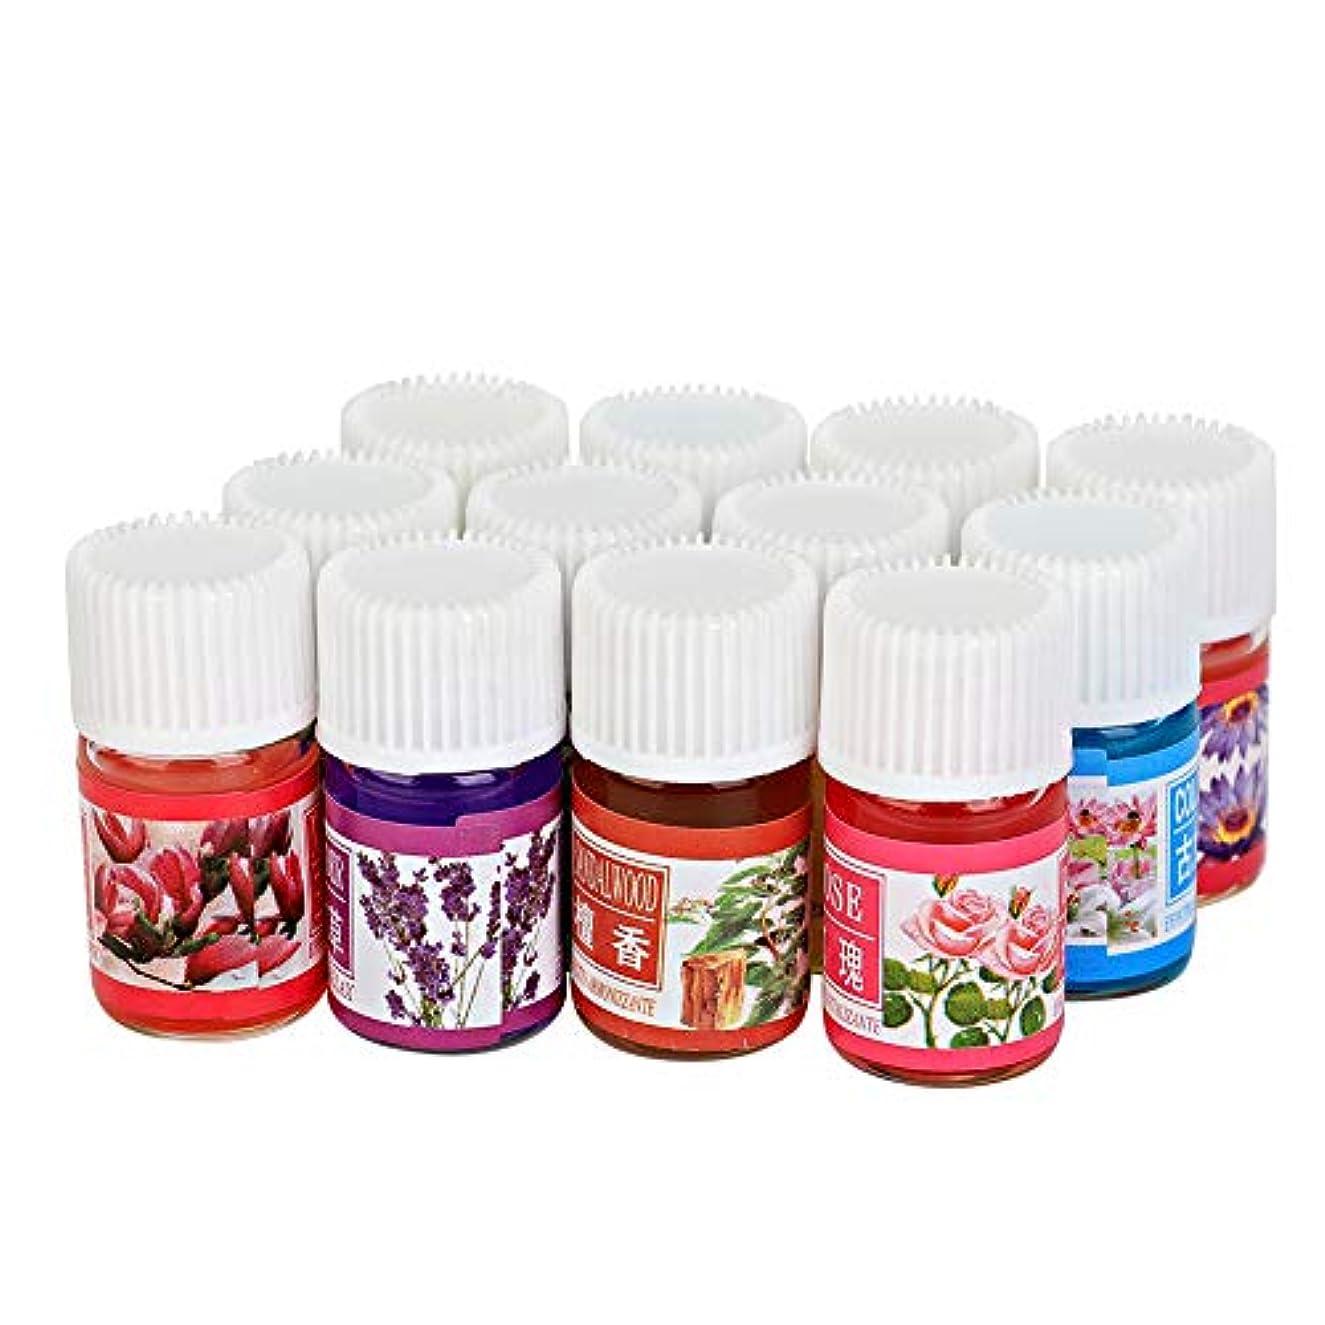 加湿器 インセント アロマオイル エッセンシャルオイル ブレンド (12種類のフレーバー 各3ml) 精油 ブレンドオイル  植物エッセンシャルオイル 人気12本セット